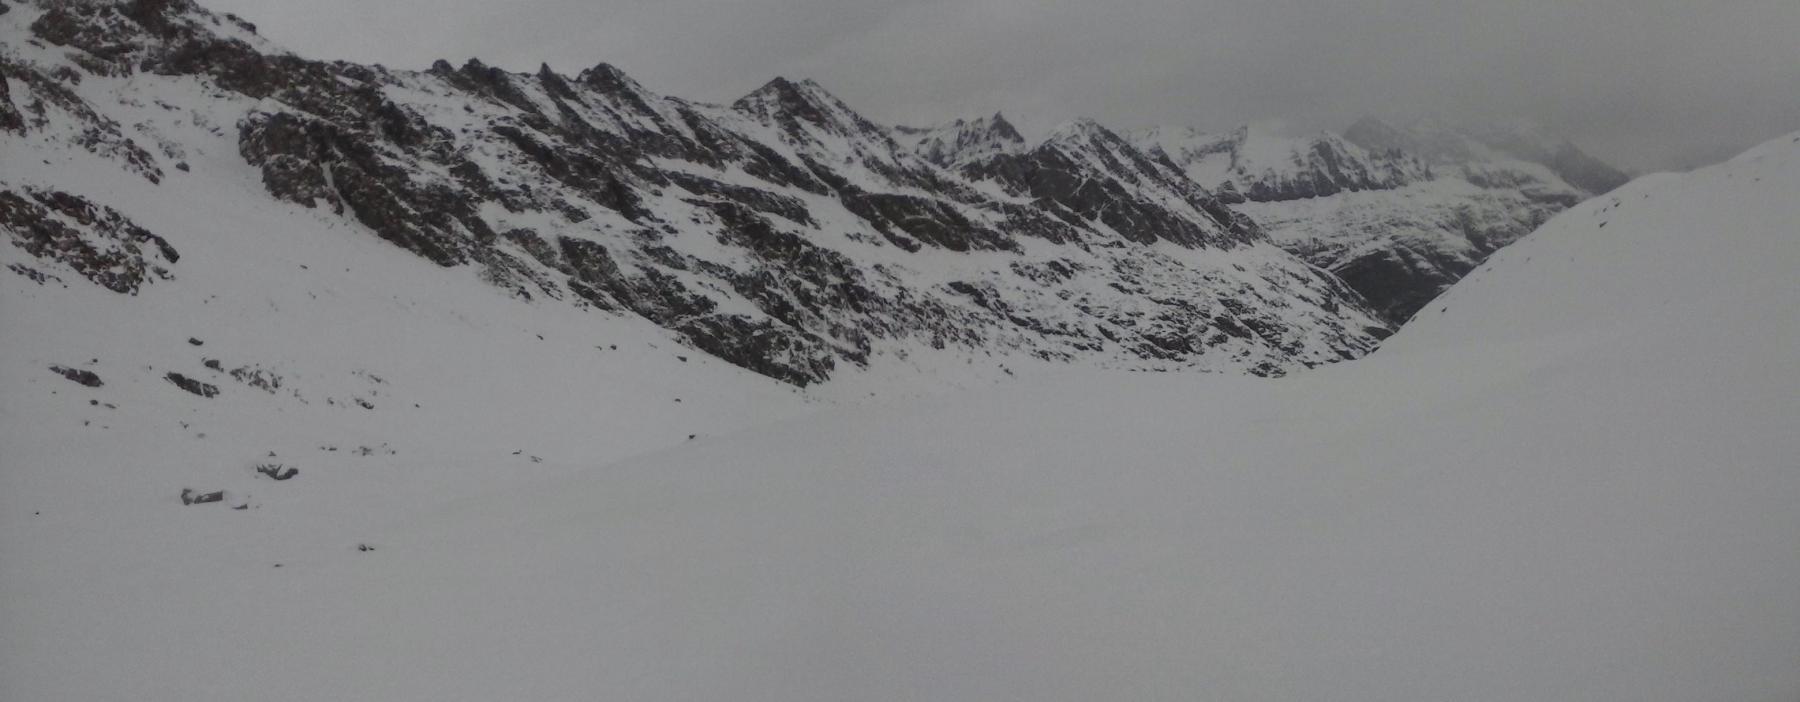 sarebbe una bella discesa  nonostante la varietà di neve se si vedessero  le variazioni di pendenza..